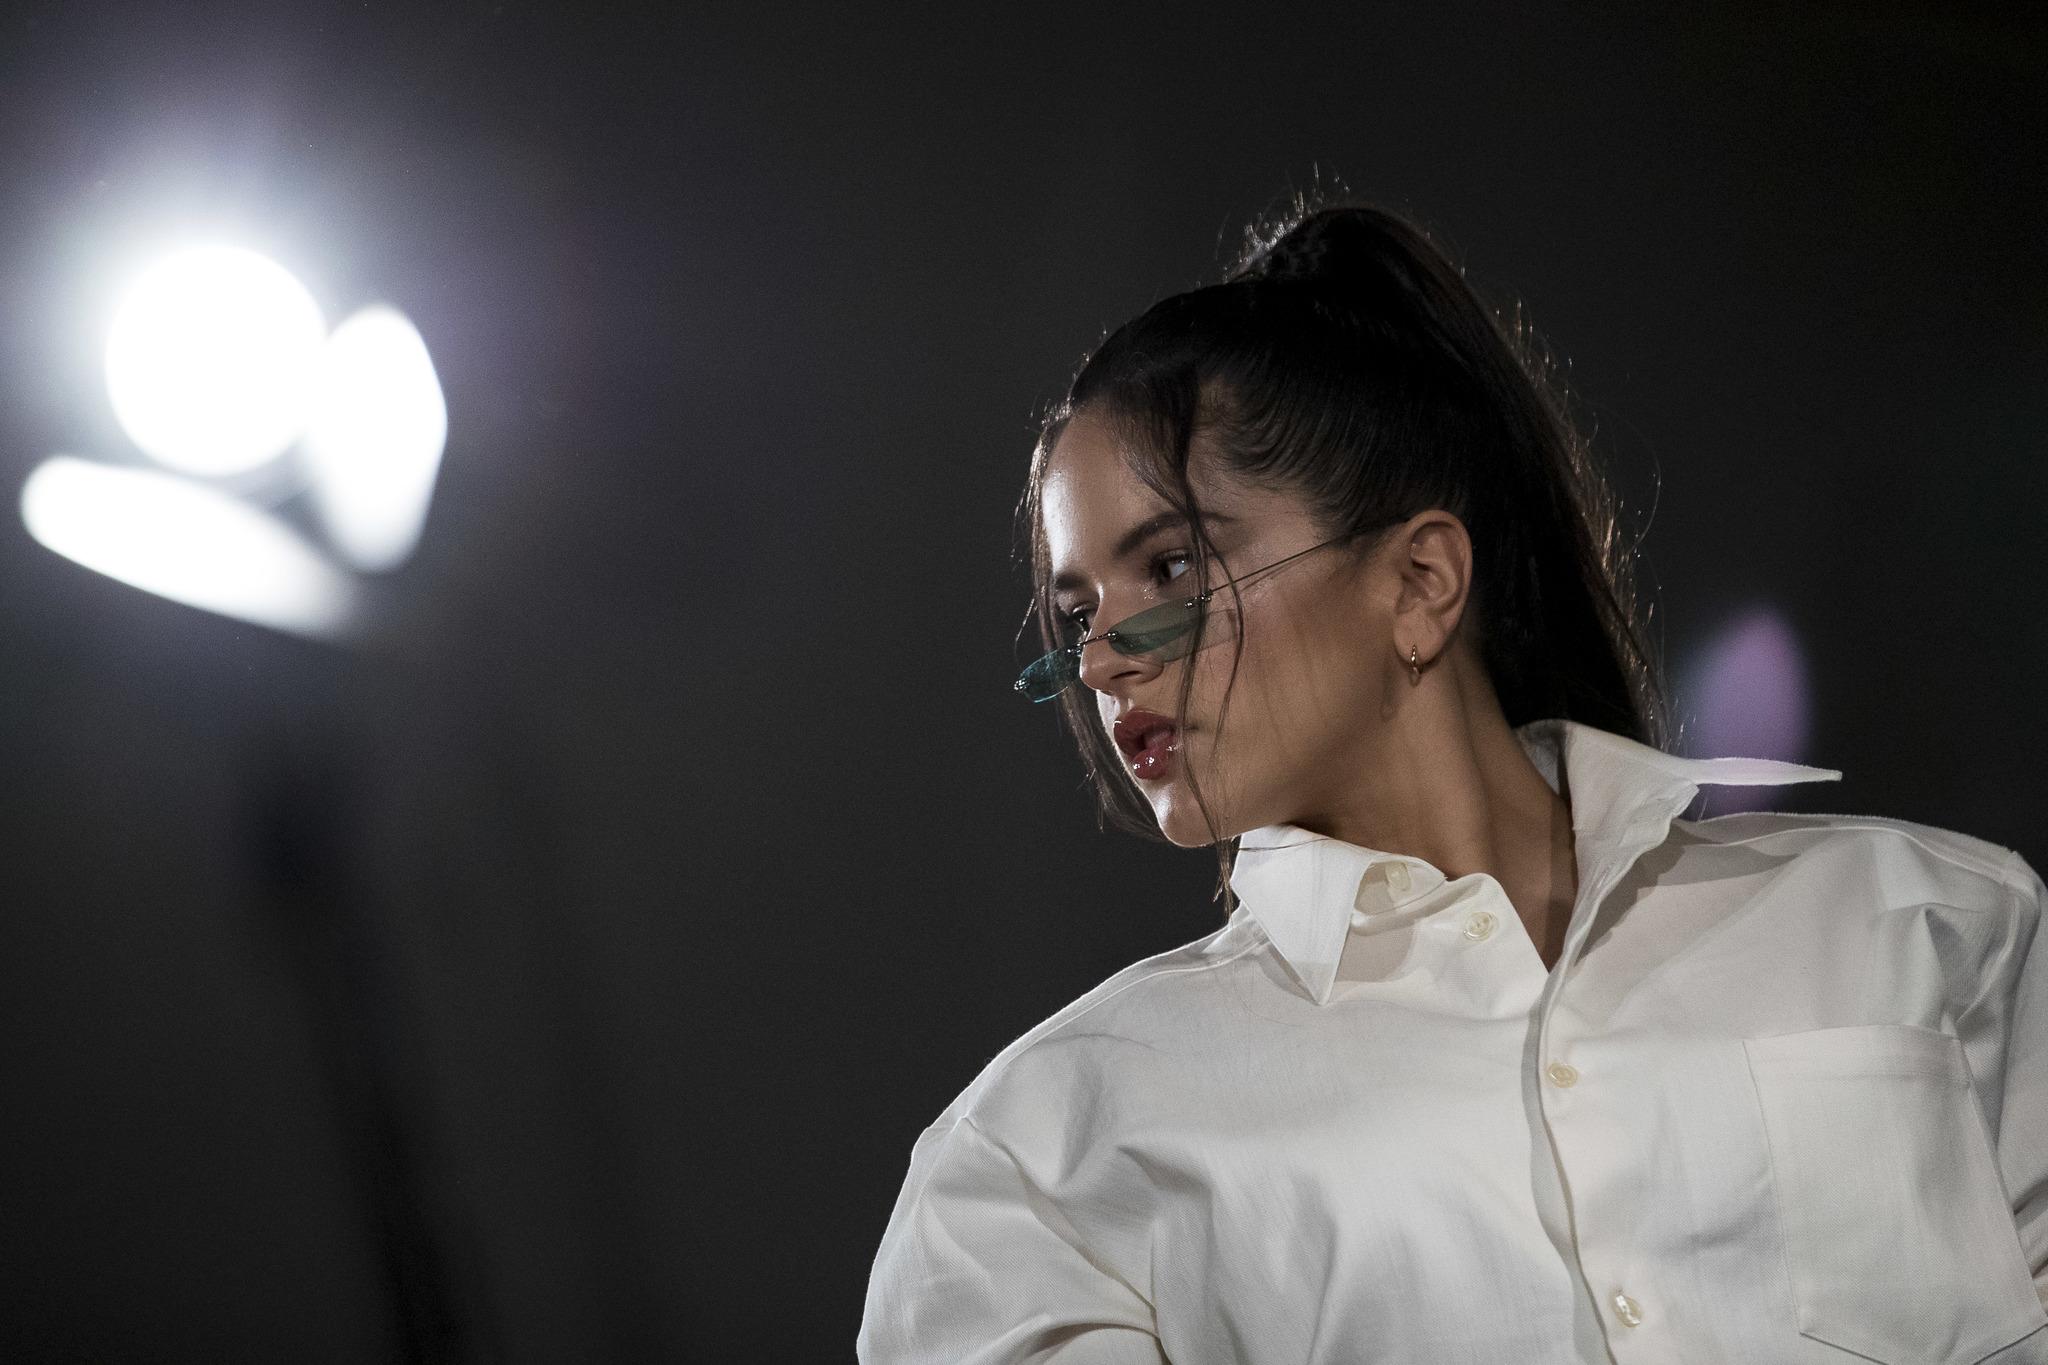 De vuelta a la tradición flamenca, Rosalía estrena 'Di mi nombre'